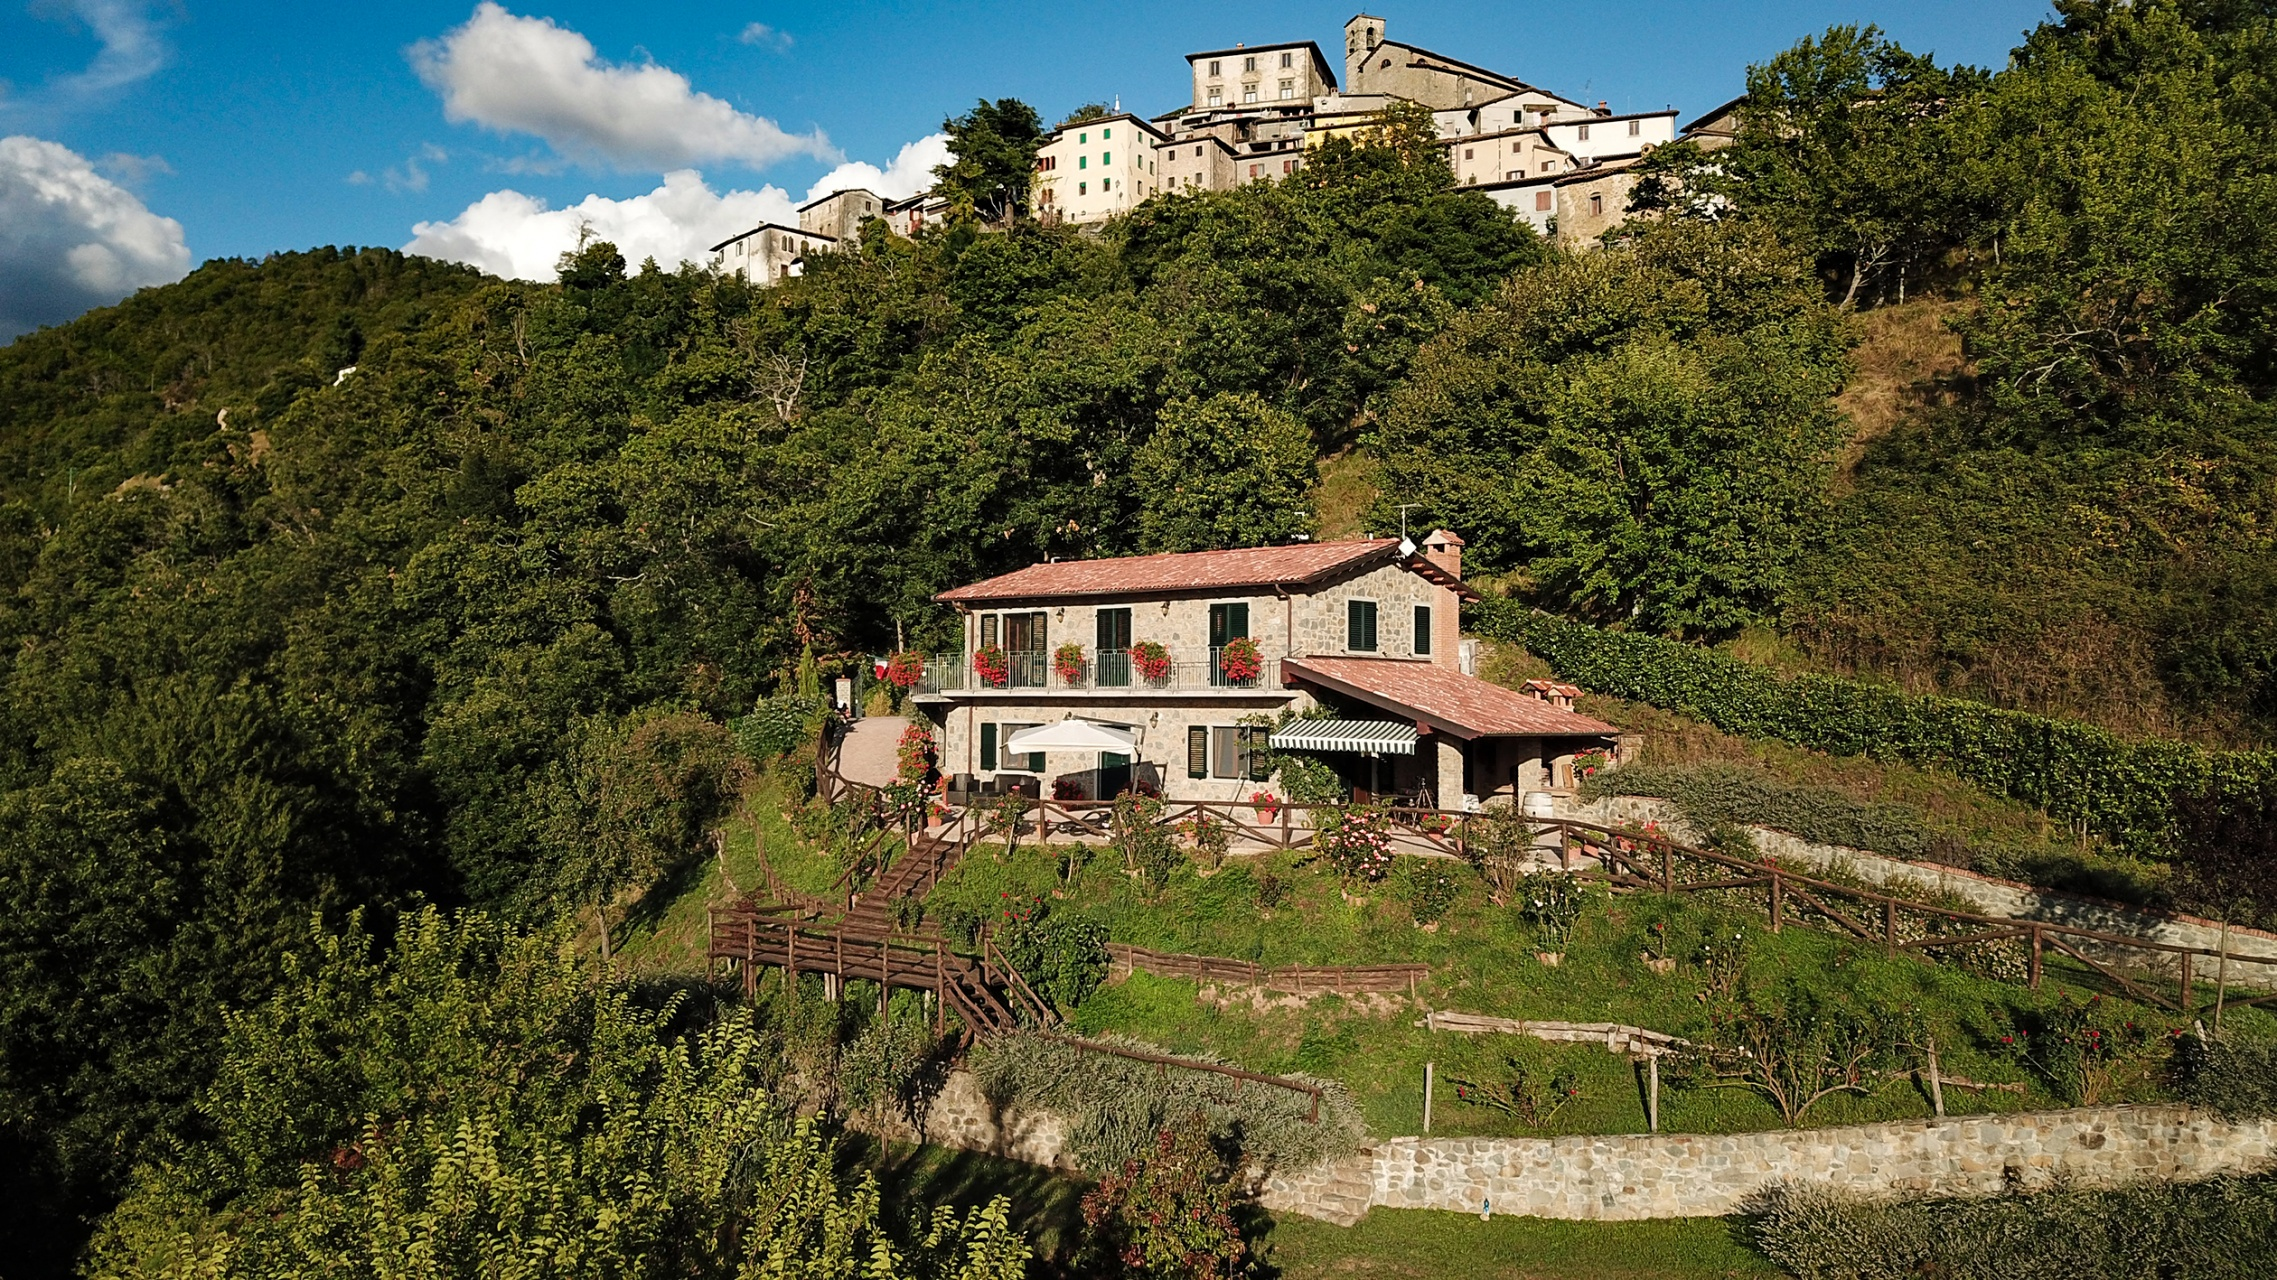 foto Splendida casa con terreno viste della Garfagnana, Lucca.